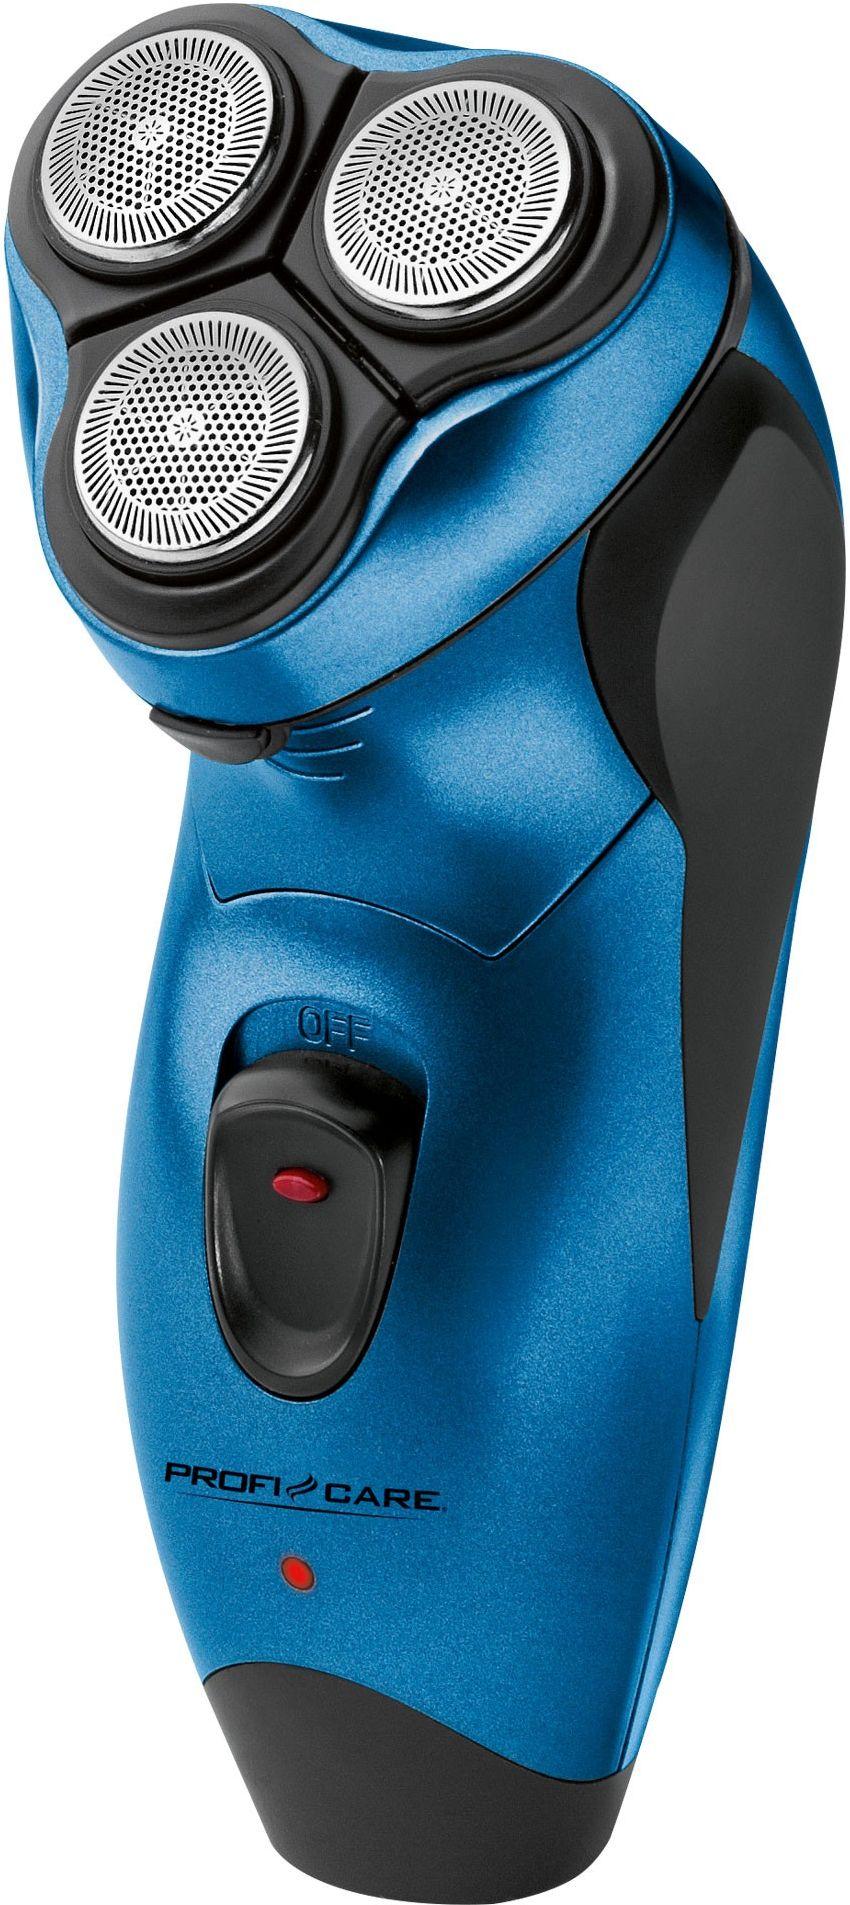 Golarka elektryczna maszynka do golenia ProfiCare PC-HR 3053 (niebieska)